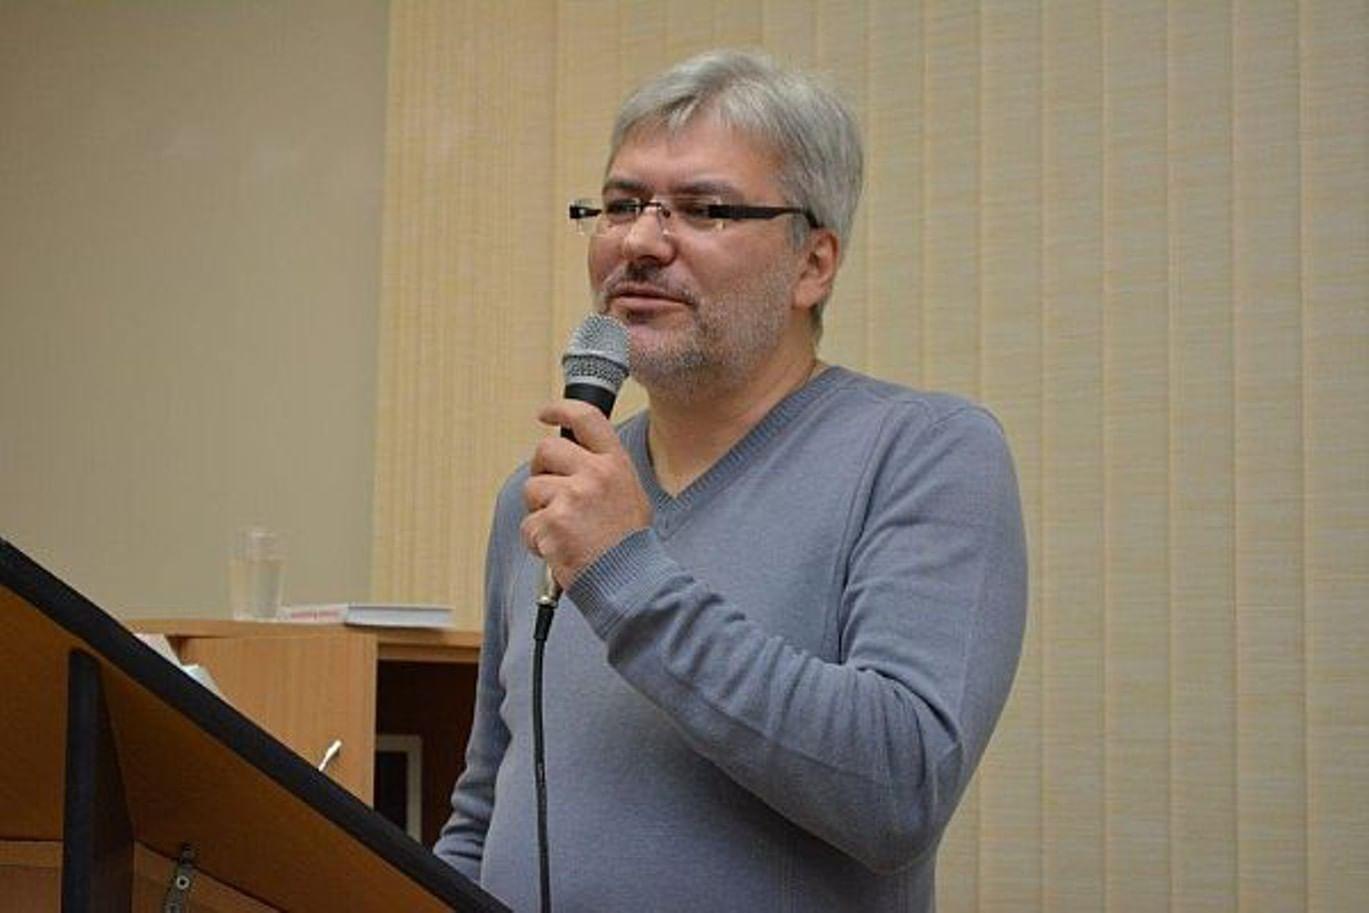 Евгений Водолазкин: «Я знал, второго «Лавра» писать нельзя». Галерея 2